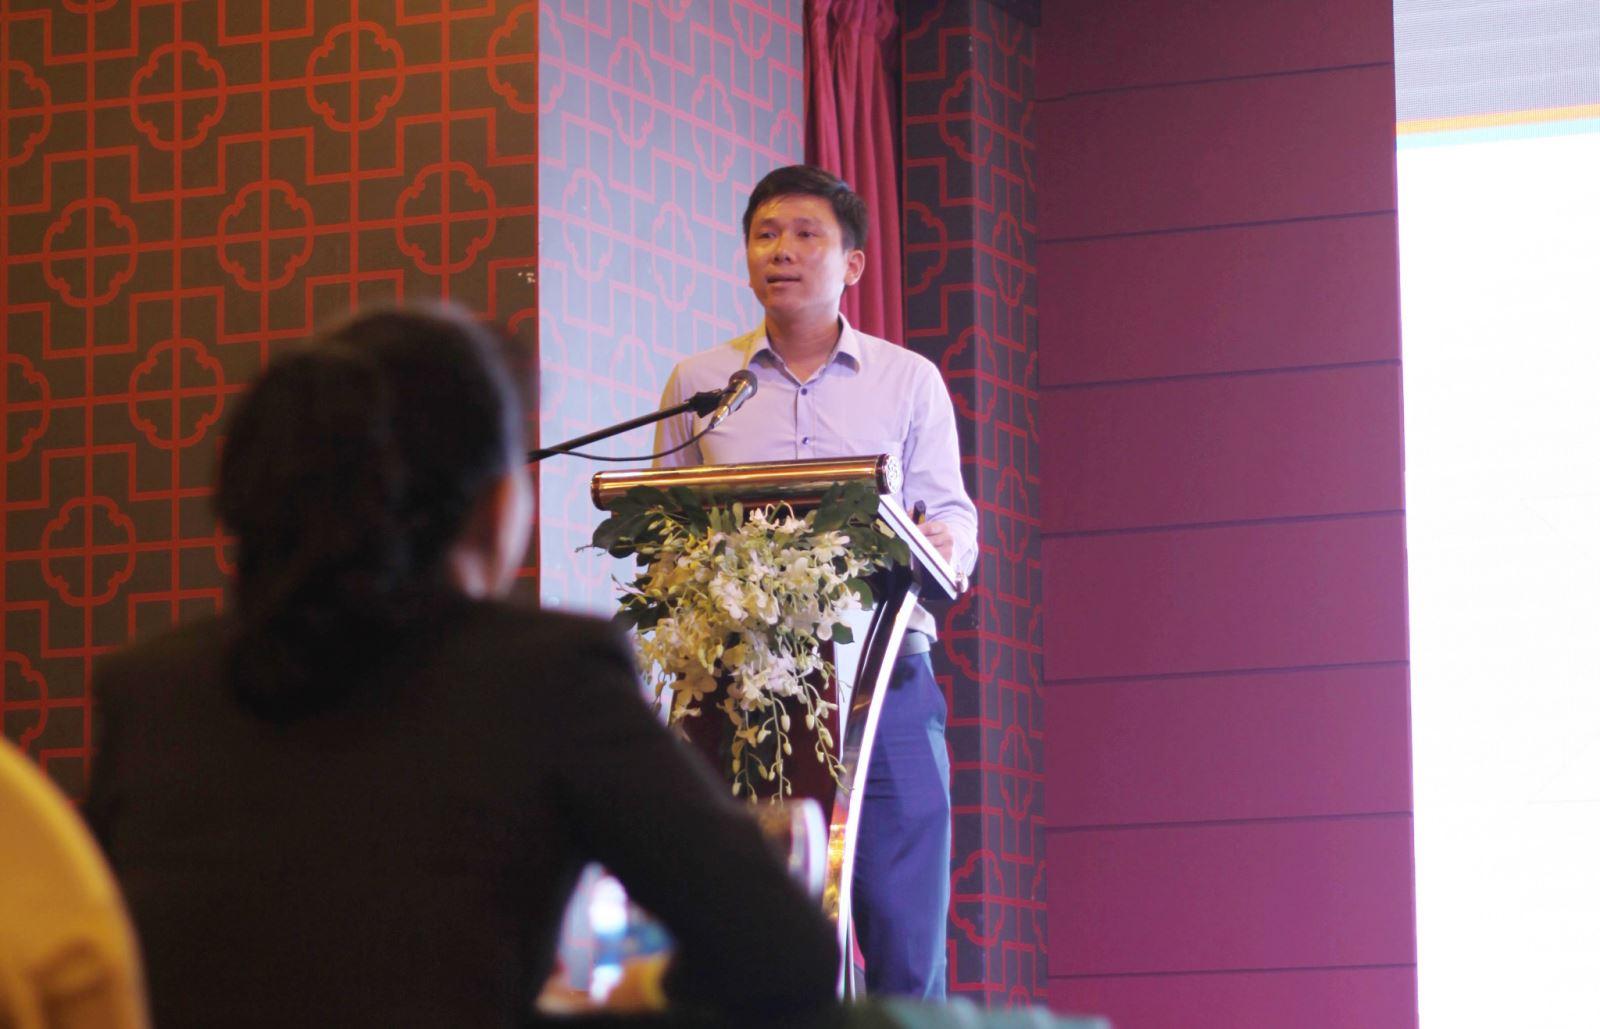 Ông Đặng Tất Thành Tổng Giám Đốc Công ty Cổ phần Đầu Tư Phát Triển Sông Đà có bài phát biểu giới thiệu về Chủ đầu tư và dự án Osimi Tower.